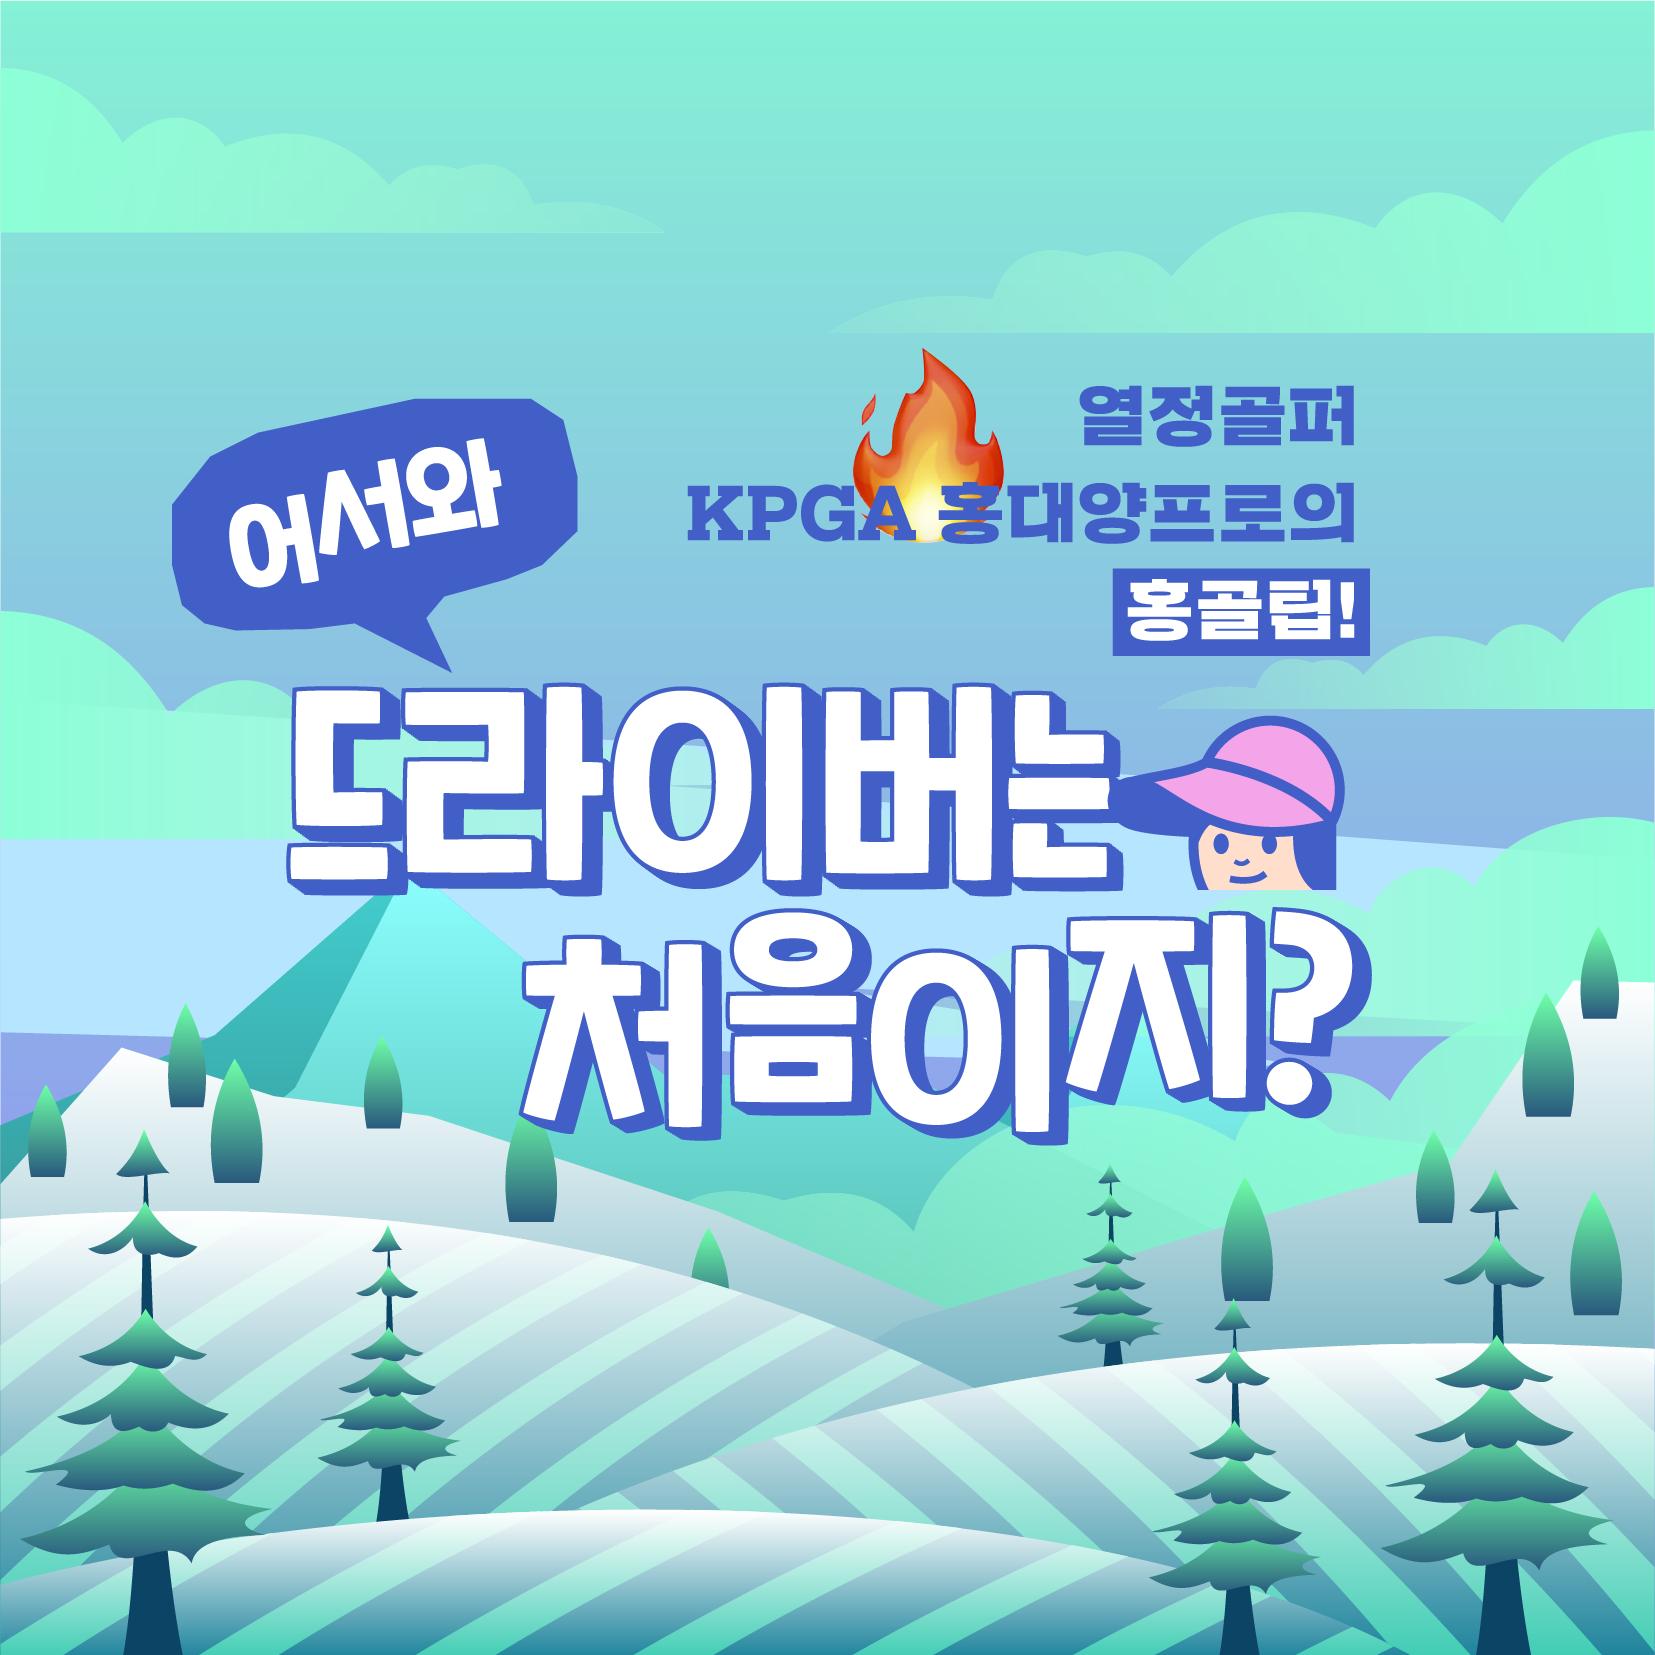 kpga-홍대양-프로-x-김캐디-페이드샷-잘하는-법-드라이버-꿀팁-홍골팁-3탄